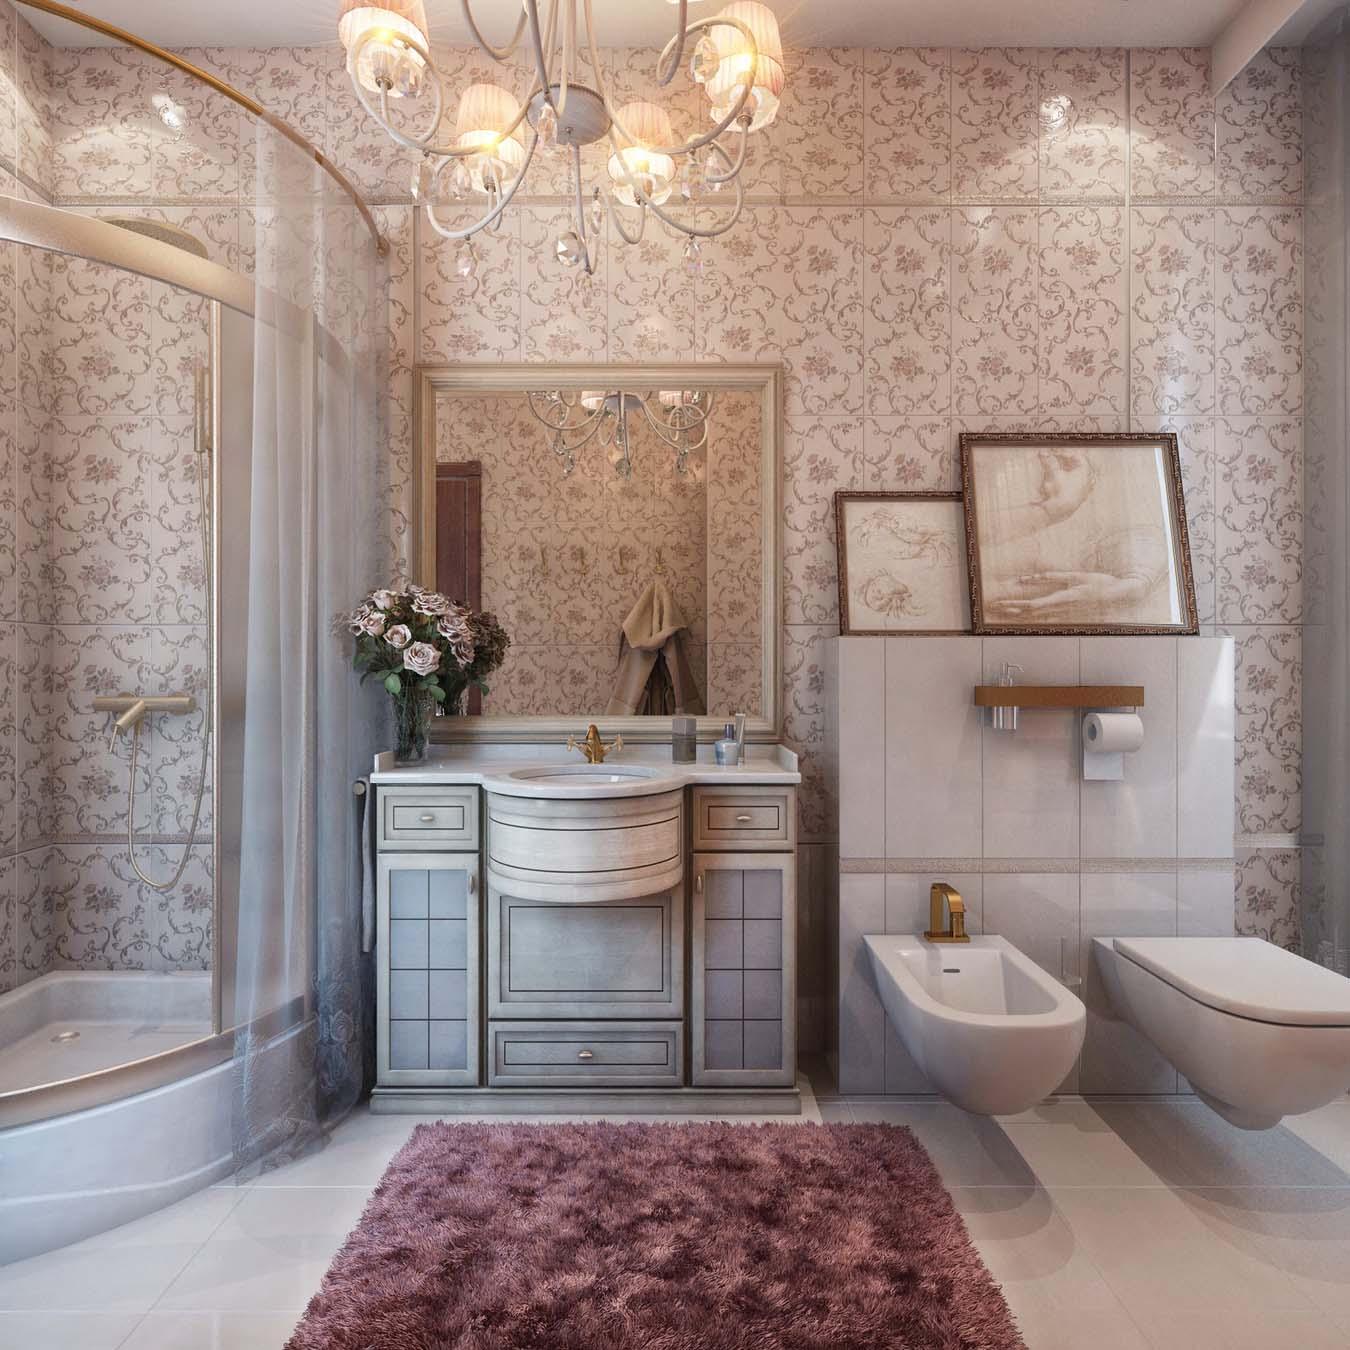 Мягкий коврик в ванной